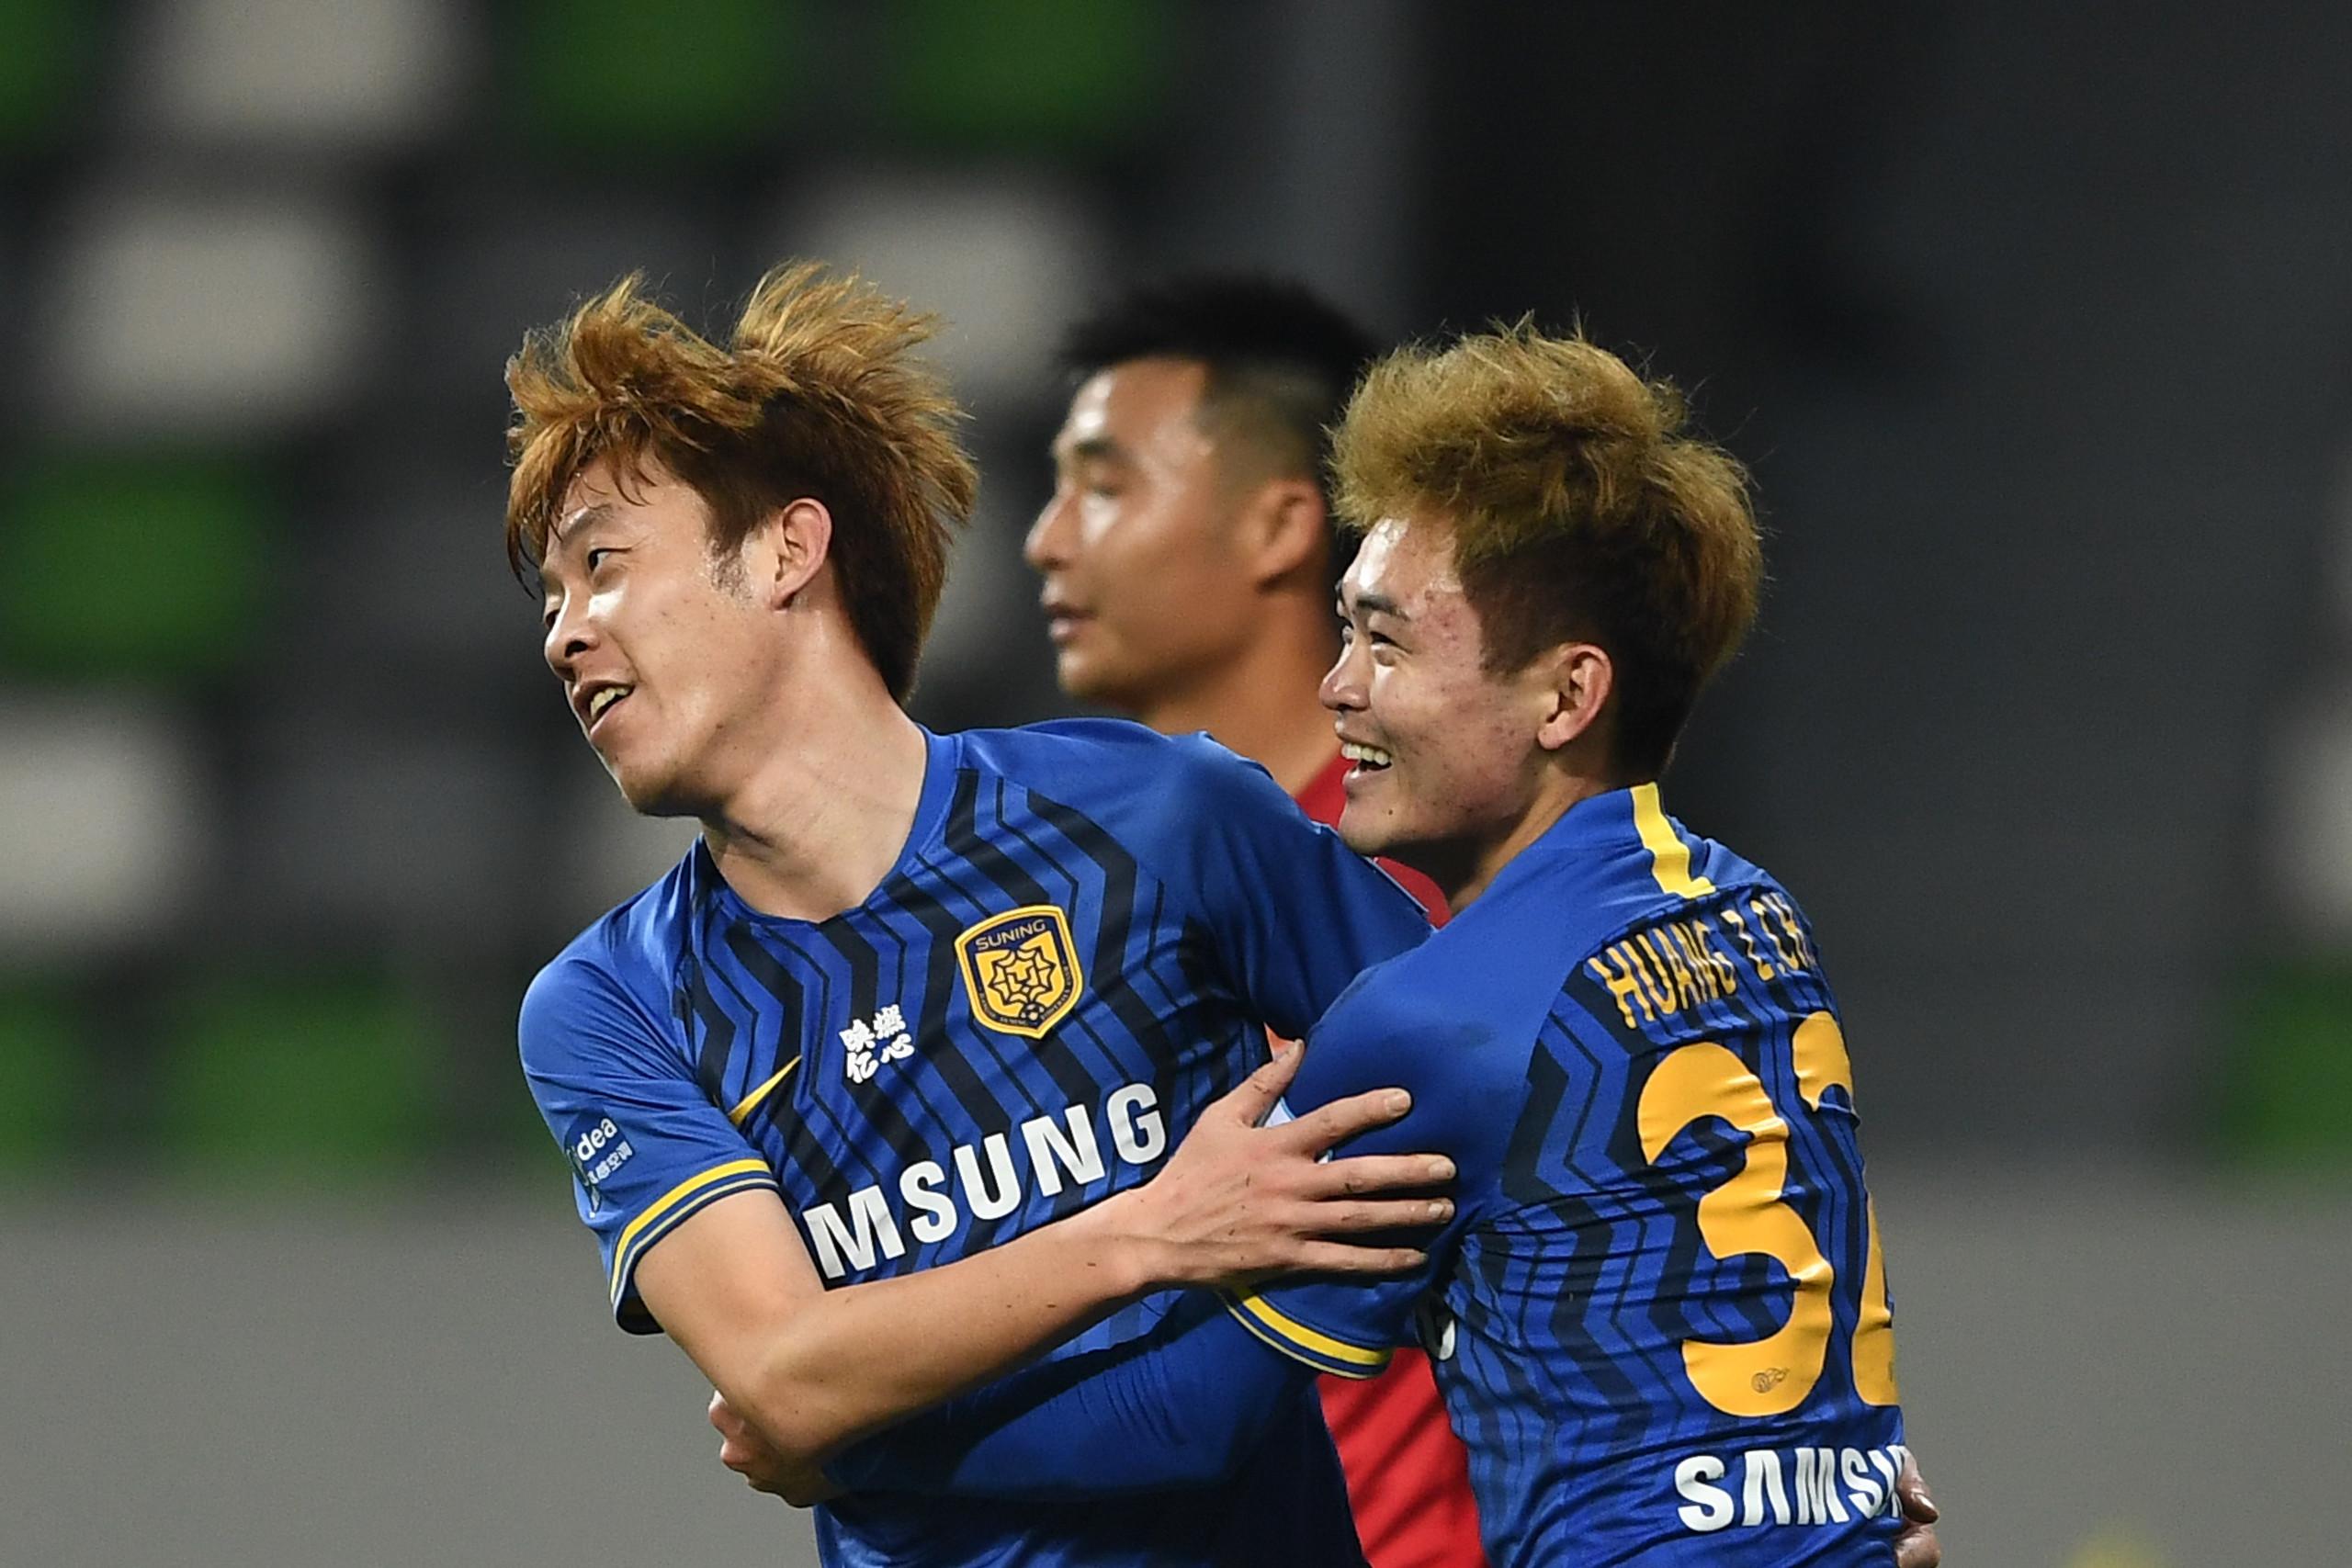 足协杯:谢鹏飞张诚齐双响侯宇两送失误,苏宁7-2梅州